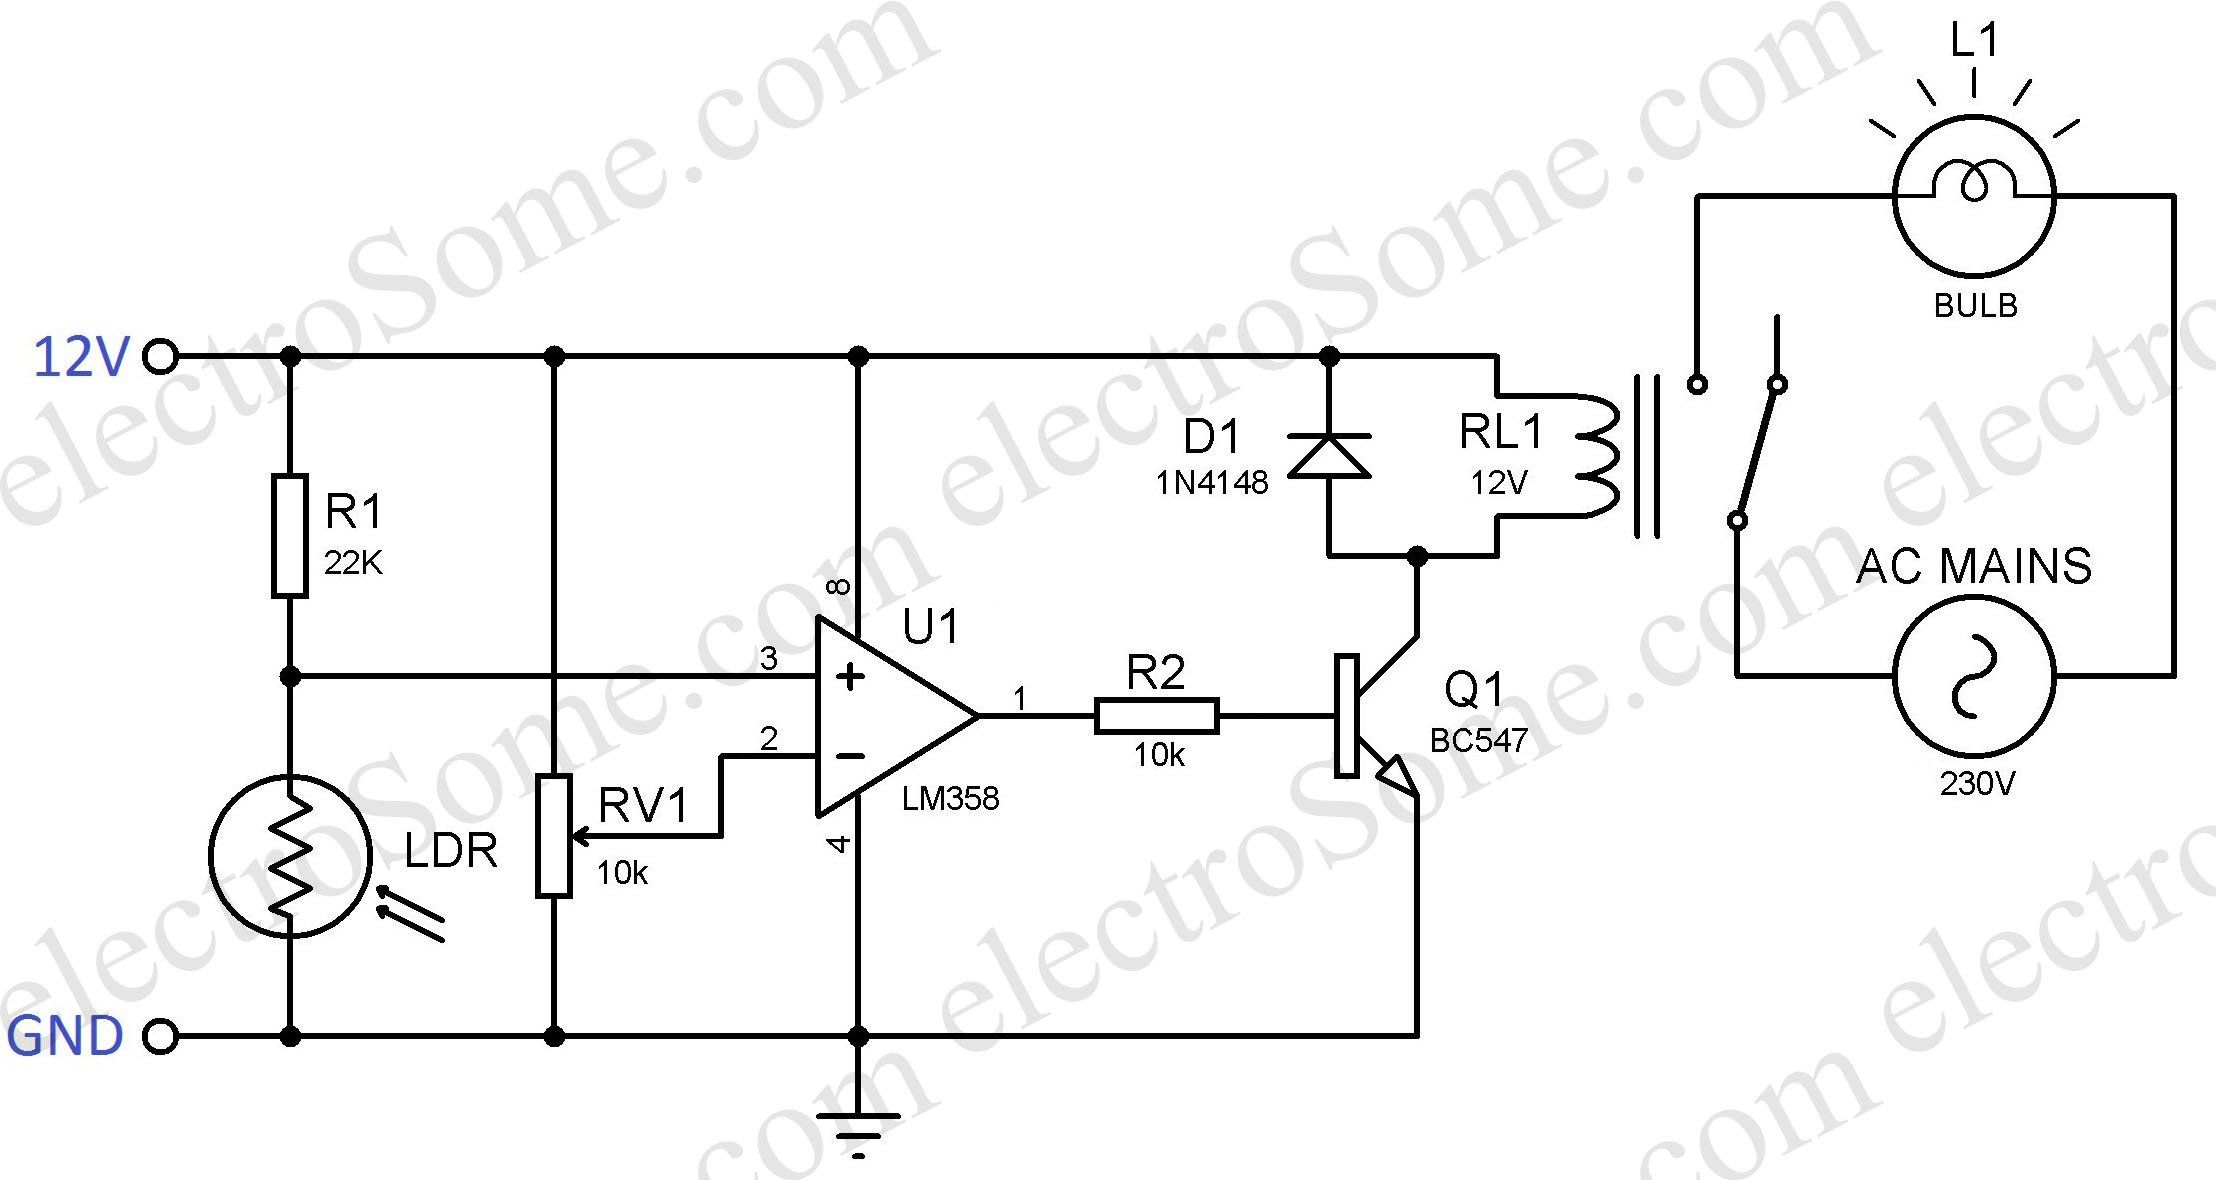 medium resolution of solar street light block diagram solar street light circuit diagram solar led night light circuit diagram power supply block diagram joule